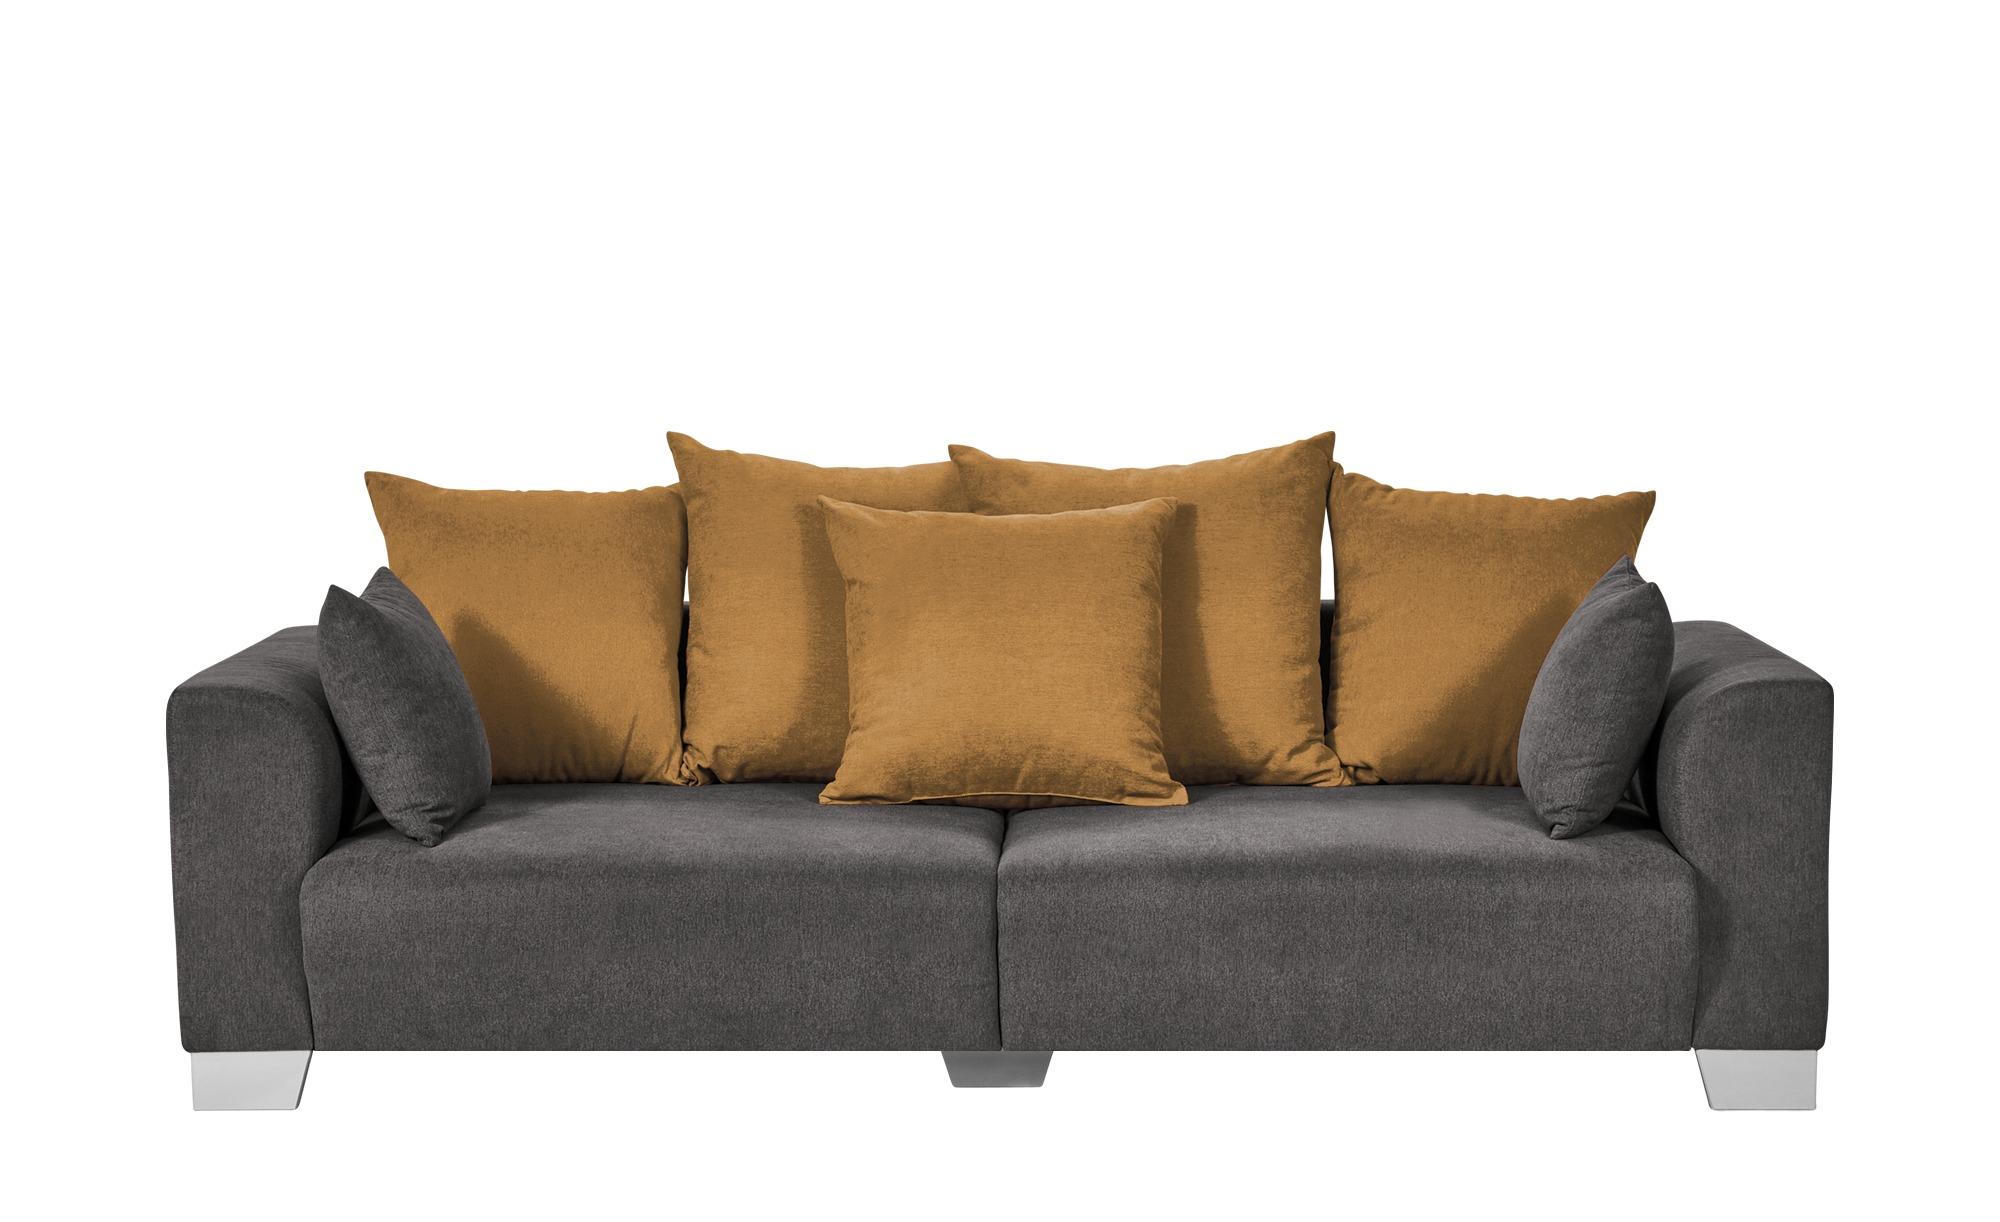 Höffner Möbel TonjaGefunden Sofa Smart Bei Big nN8vwym0O